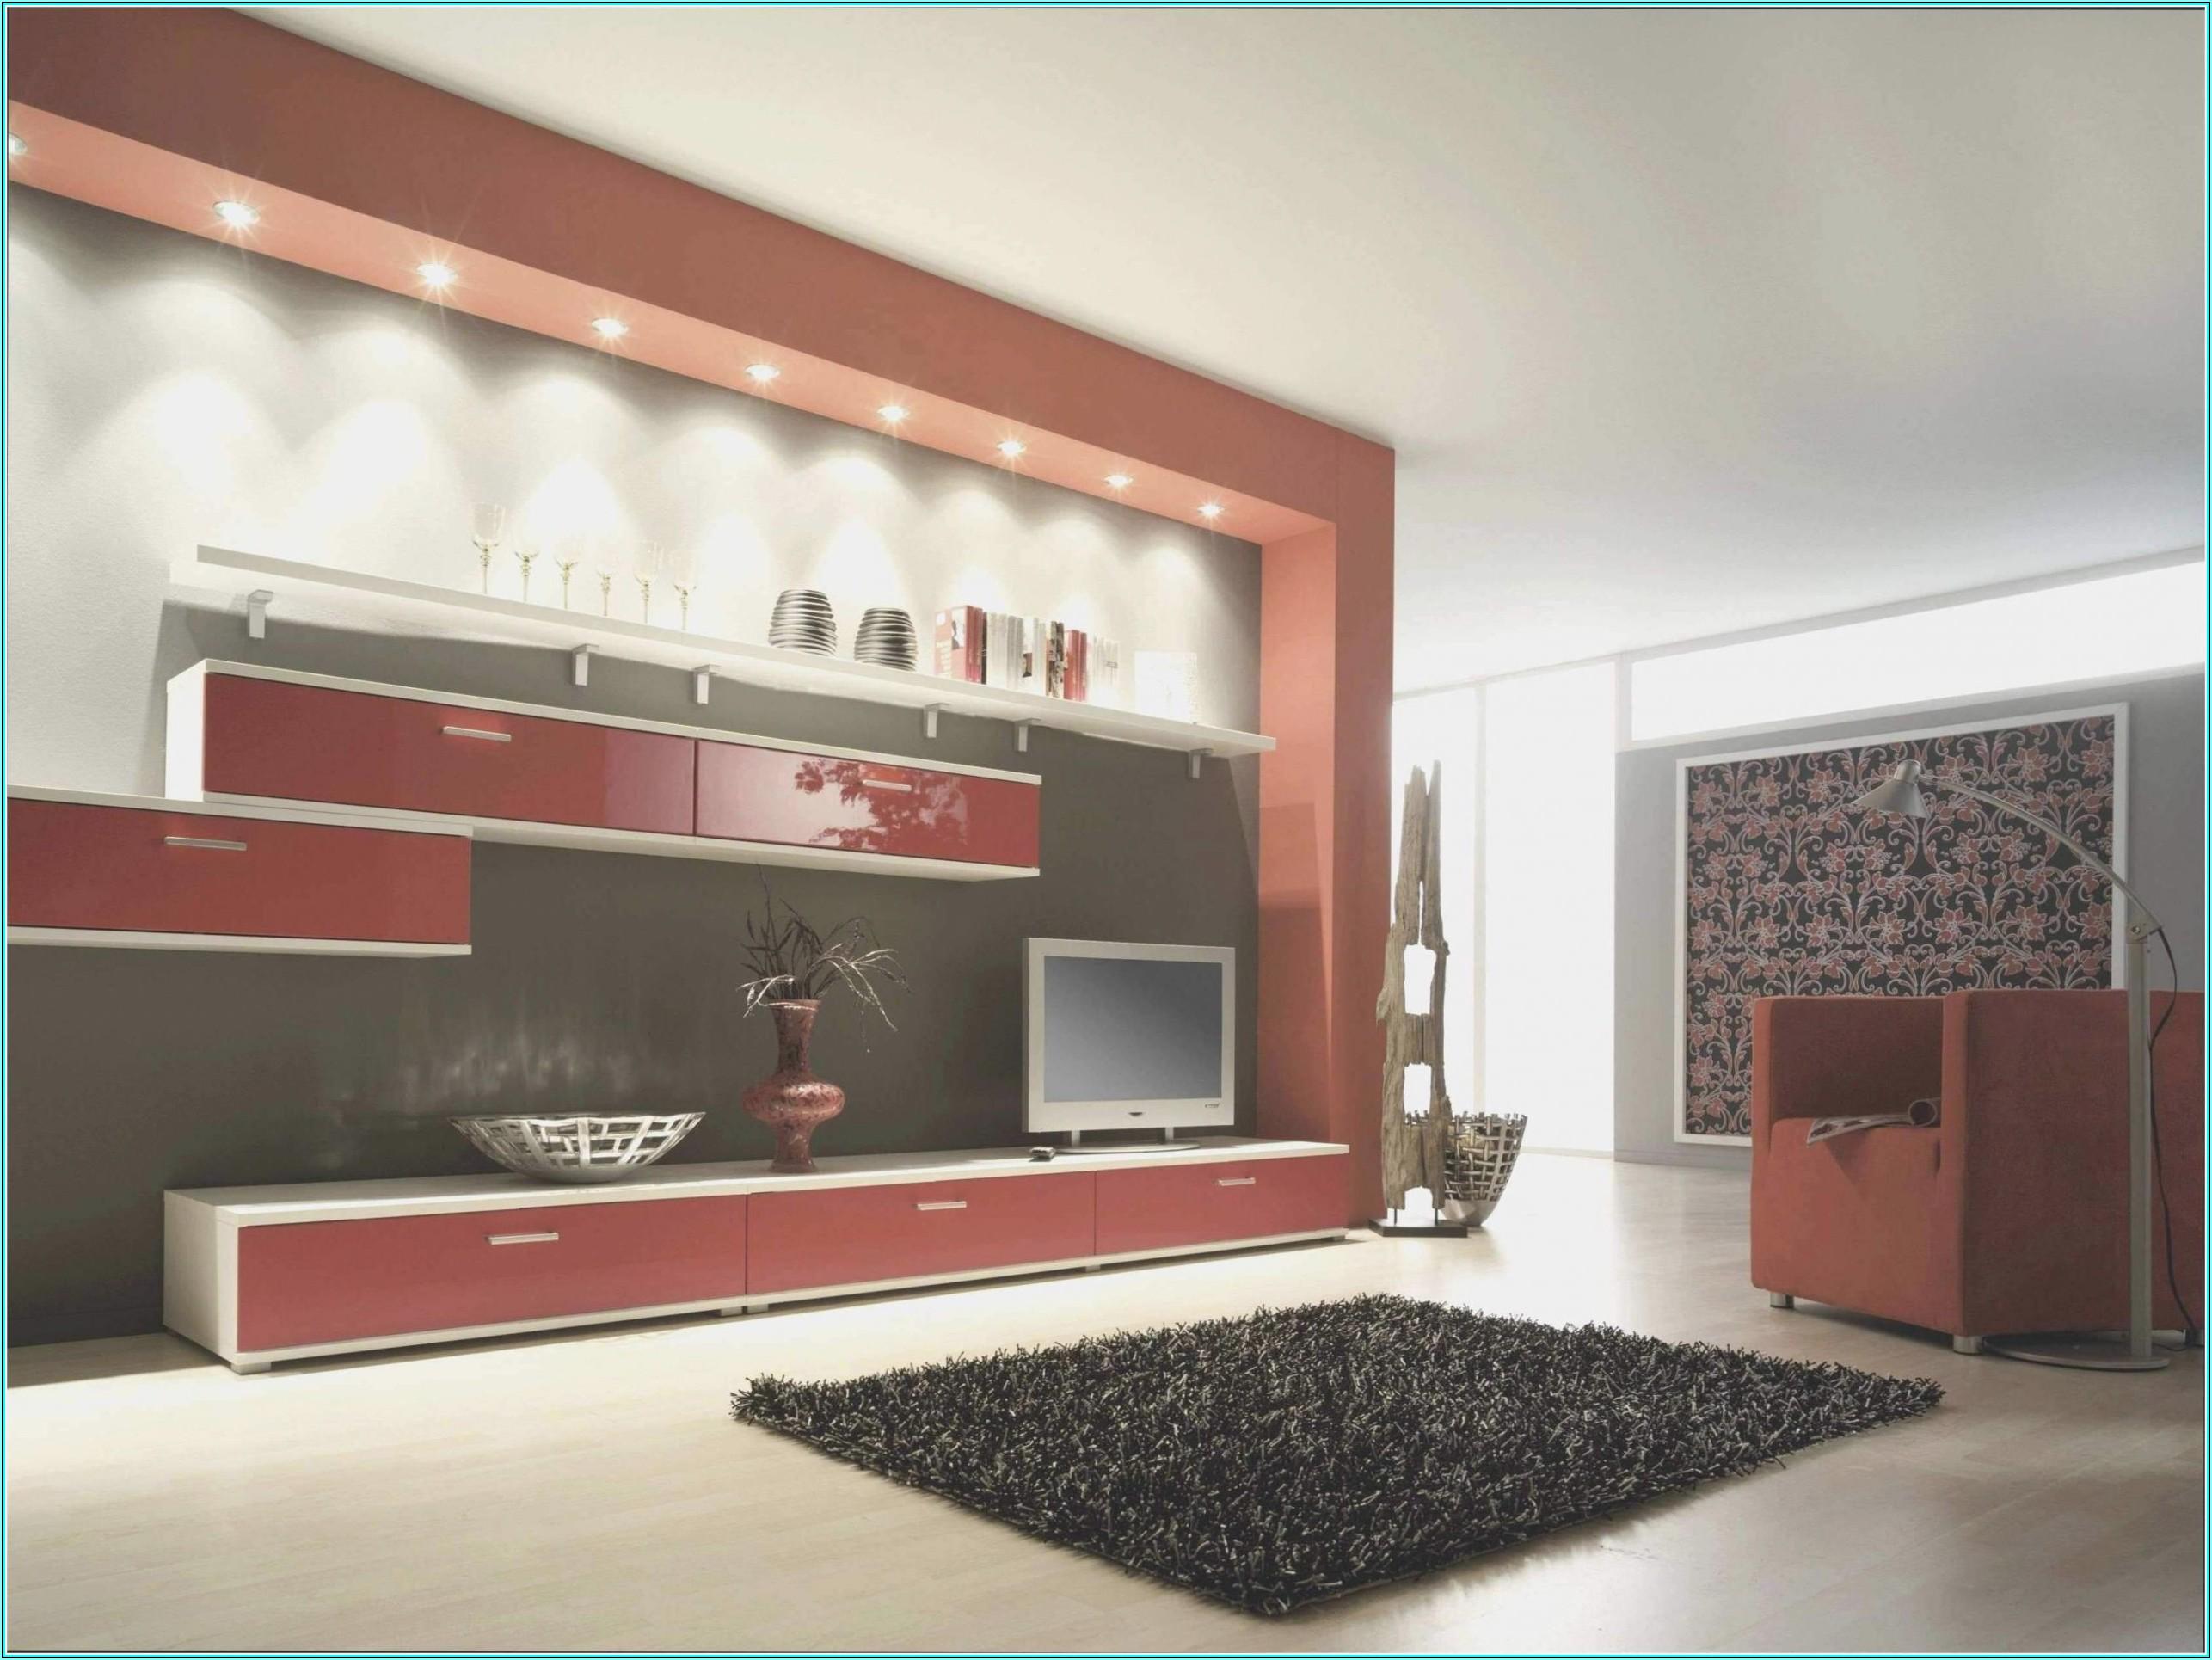 Wohnzimmer Bilder Zum Ausdrucken